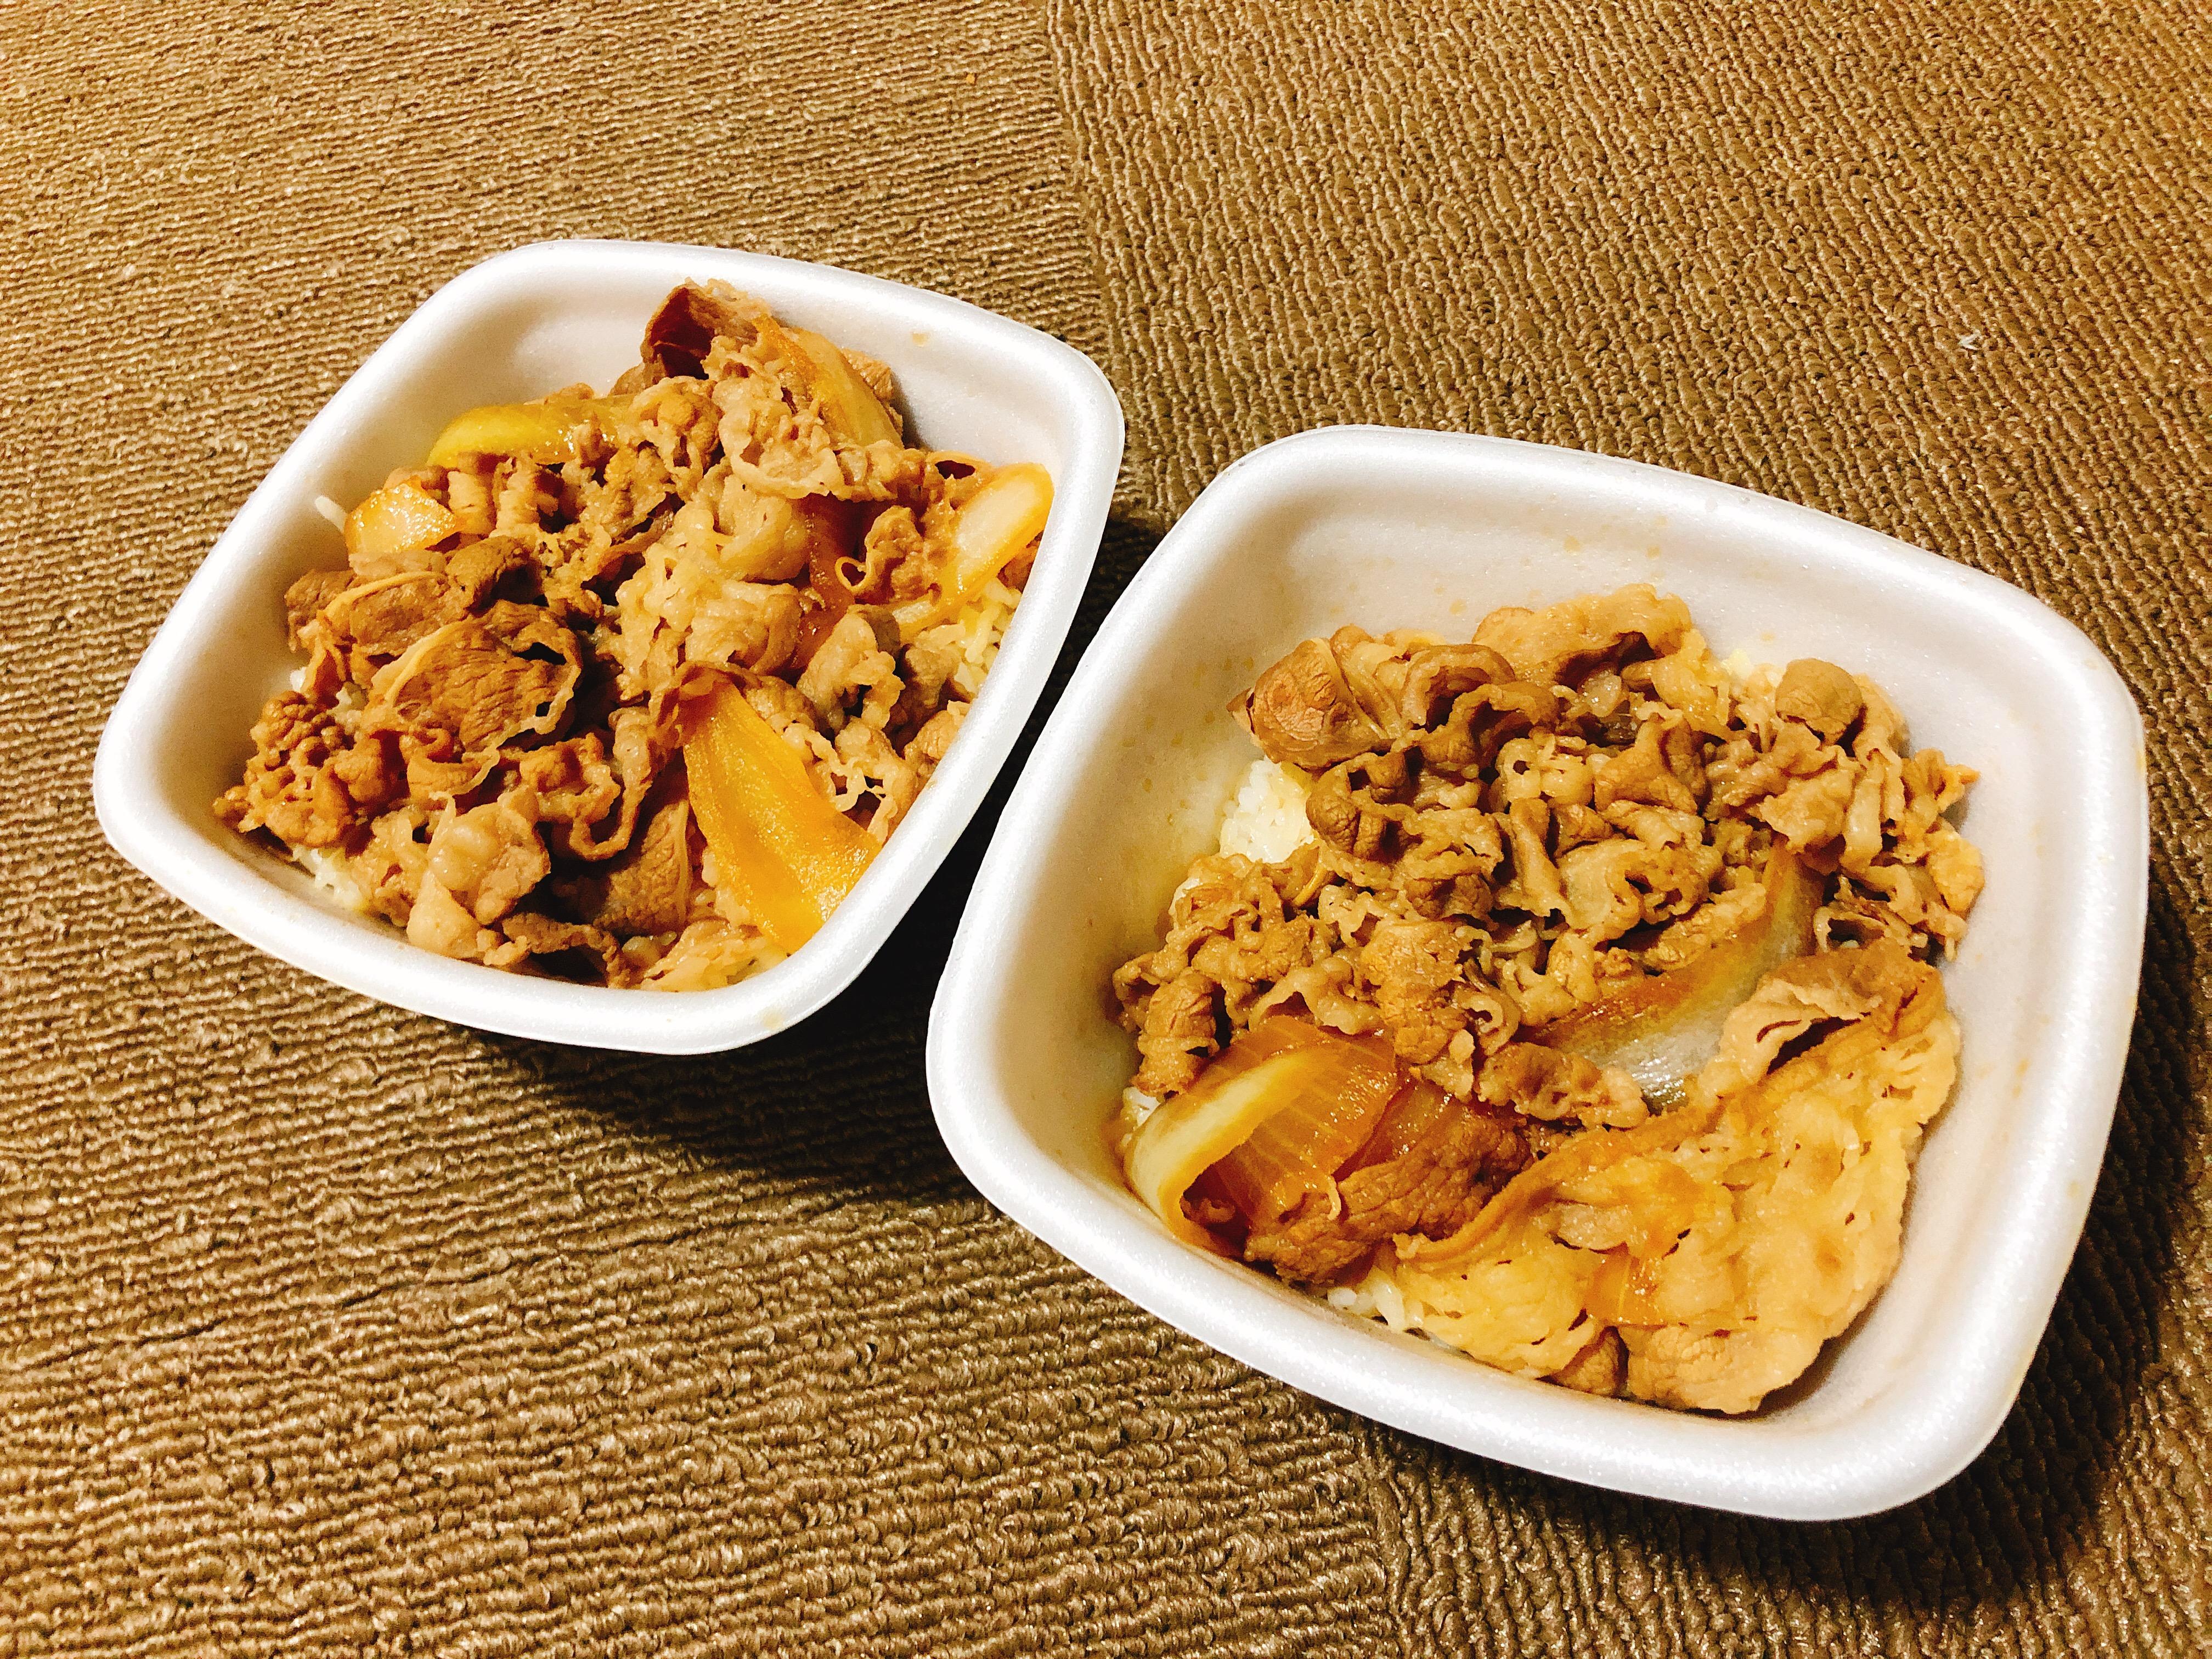 吉野家の牛丼『小盛』と『並盛』の比較